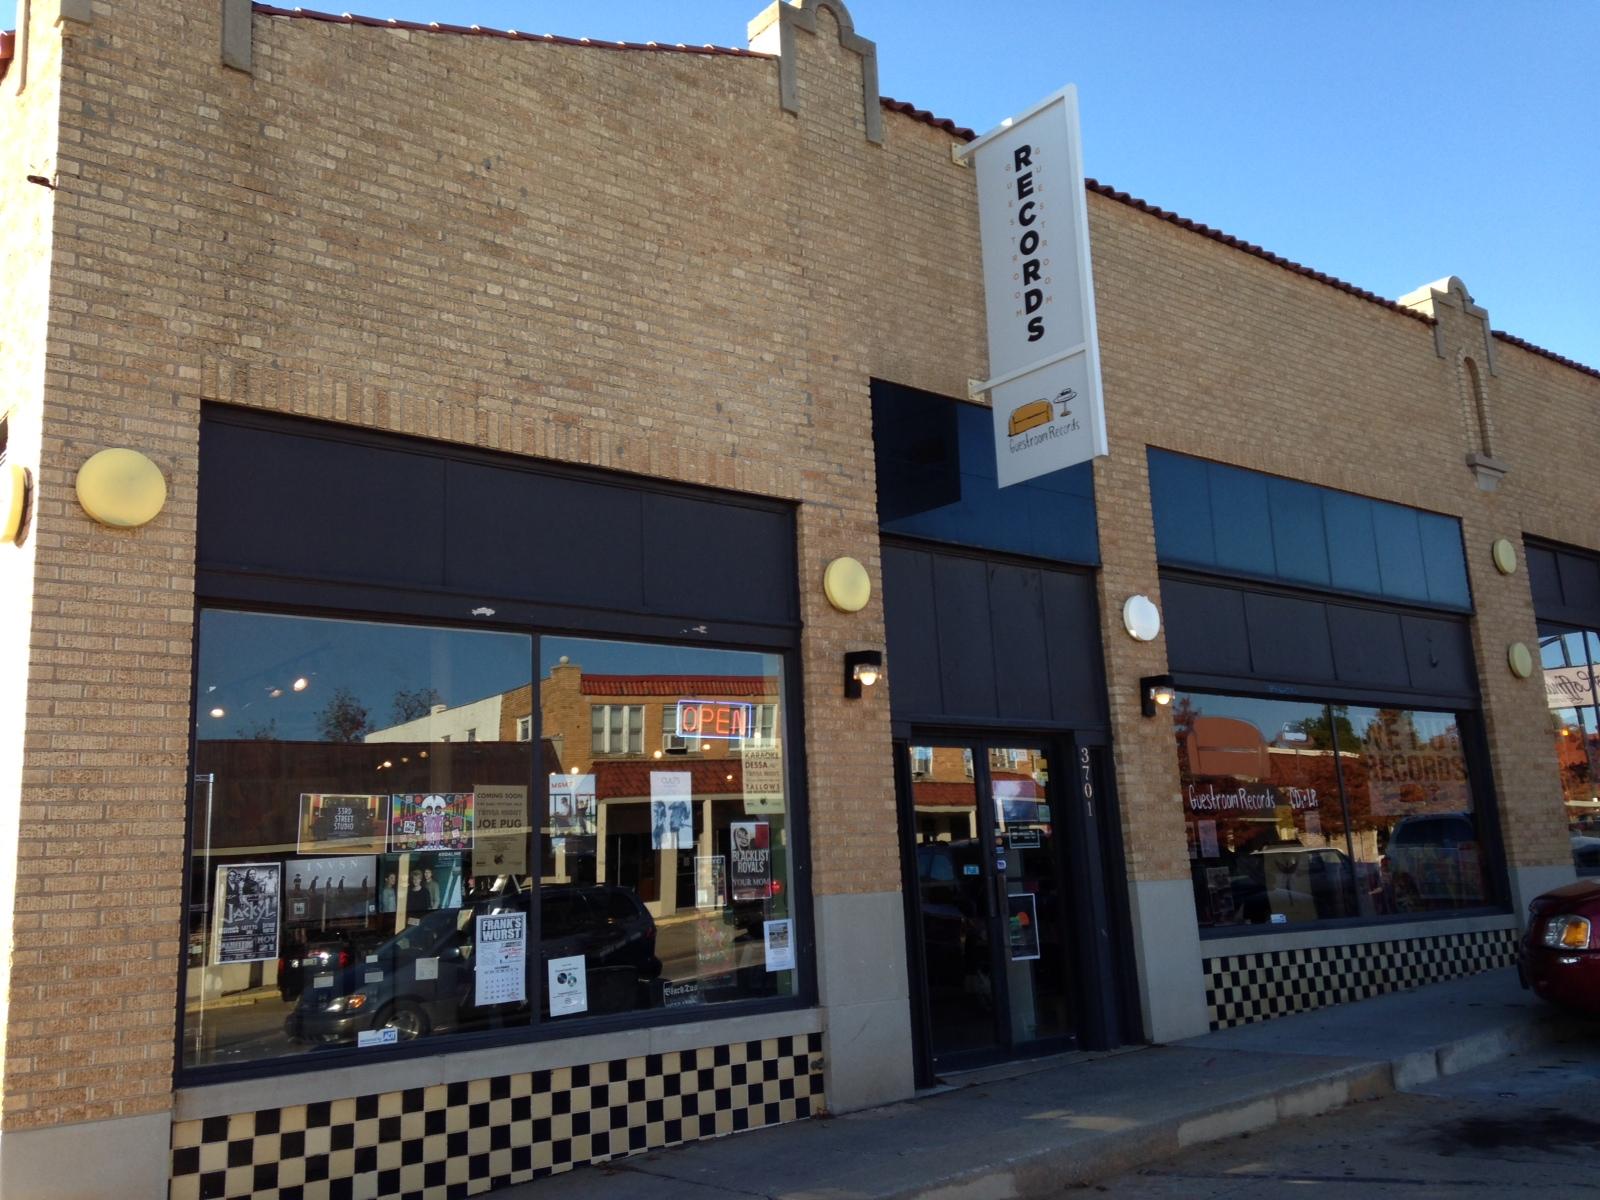 3701 N. Western Ave  Oklahoma City, OK 73118  405-601-3758